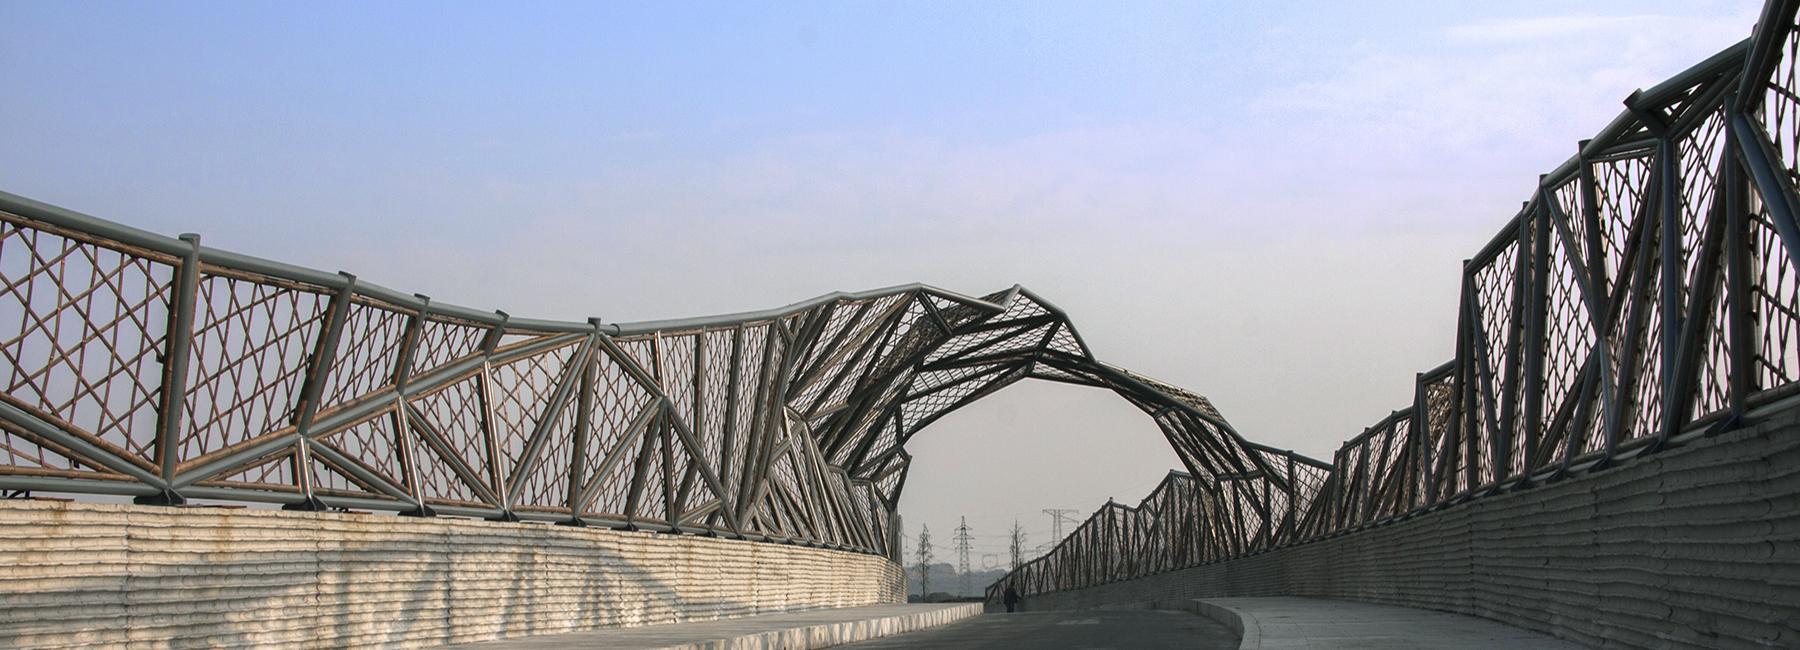 สะพานไม้ไผ่ในจีนสะท้อนภูมิปัญญาท้องถิ่น เสริมงานฝีมือสร้างอาชีพให้ชุมชน